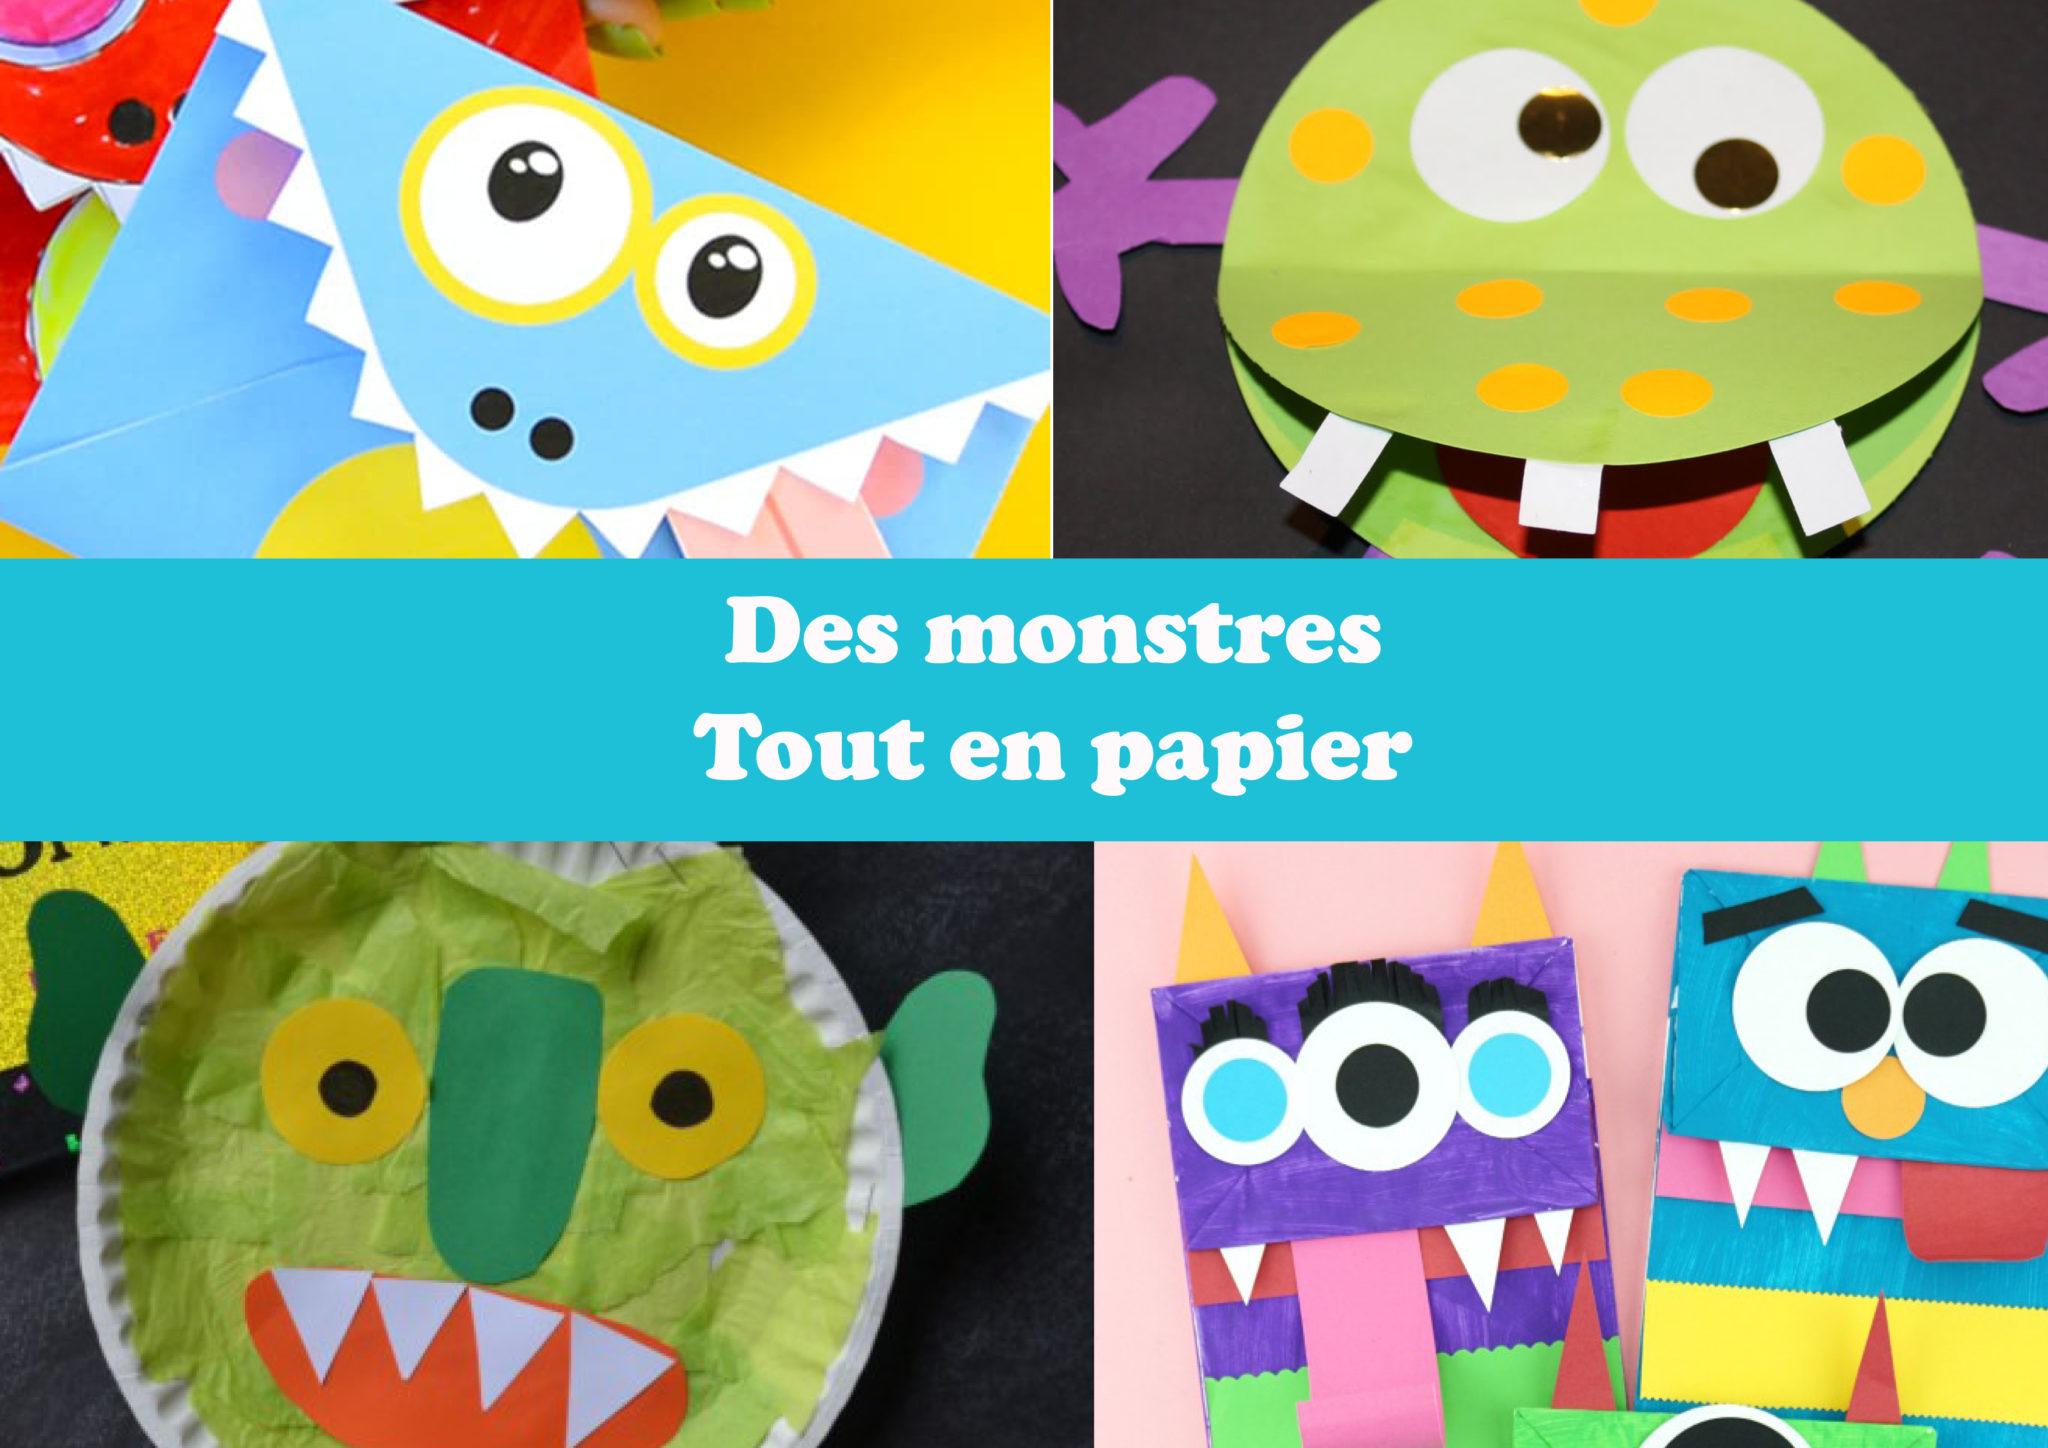 Des monstres tout en papier